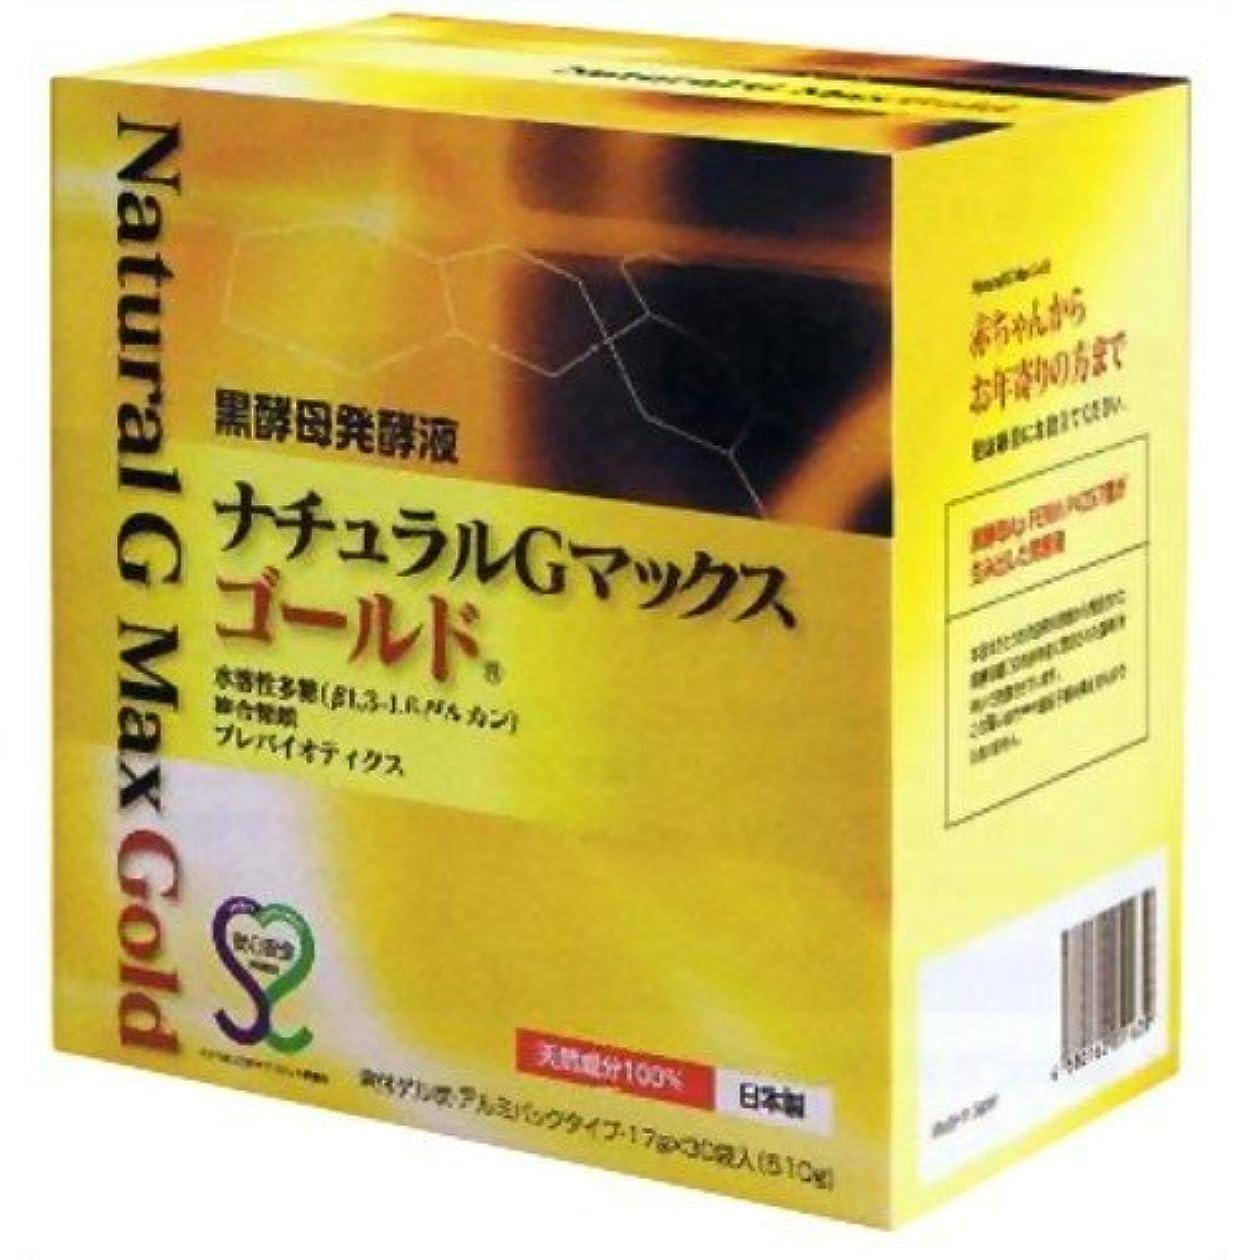 断言する十分な家主黒酵母発酵液 ナチュラルGマックスゴールド 17g×30袋